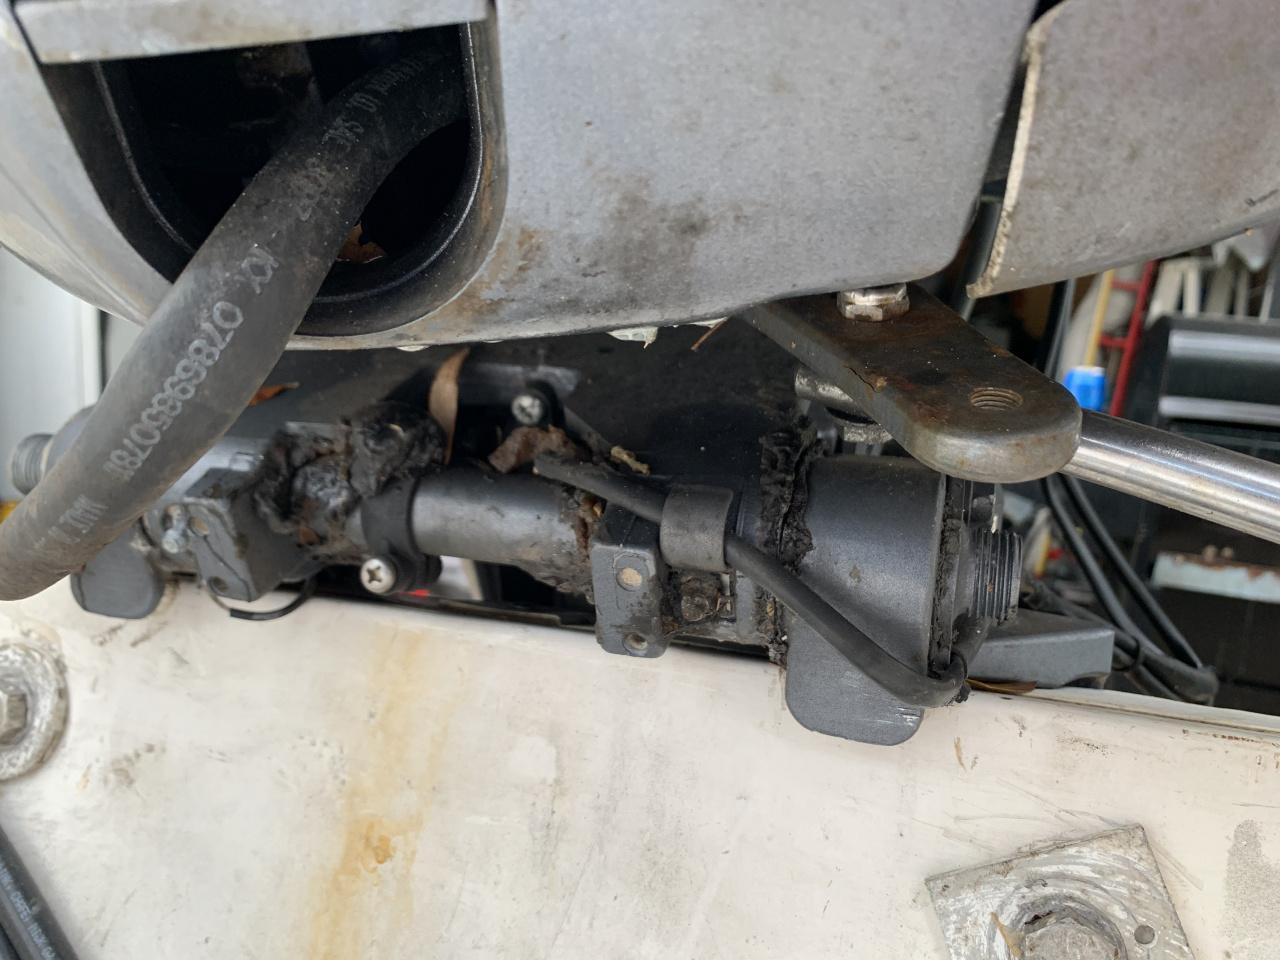 Hydraulic steering-61854d16-d9d8-4a6f-8f9e-a964ecc0f713-jpg